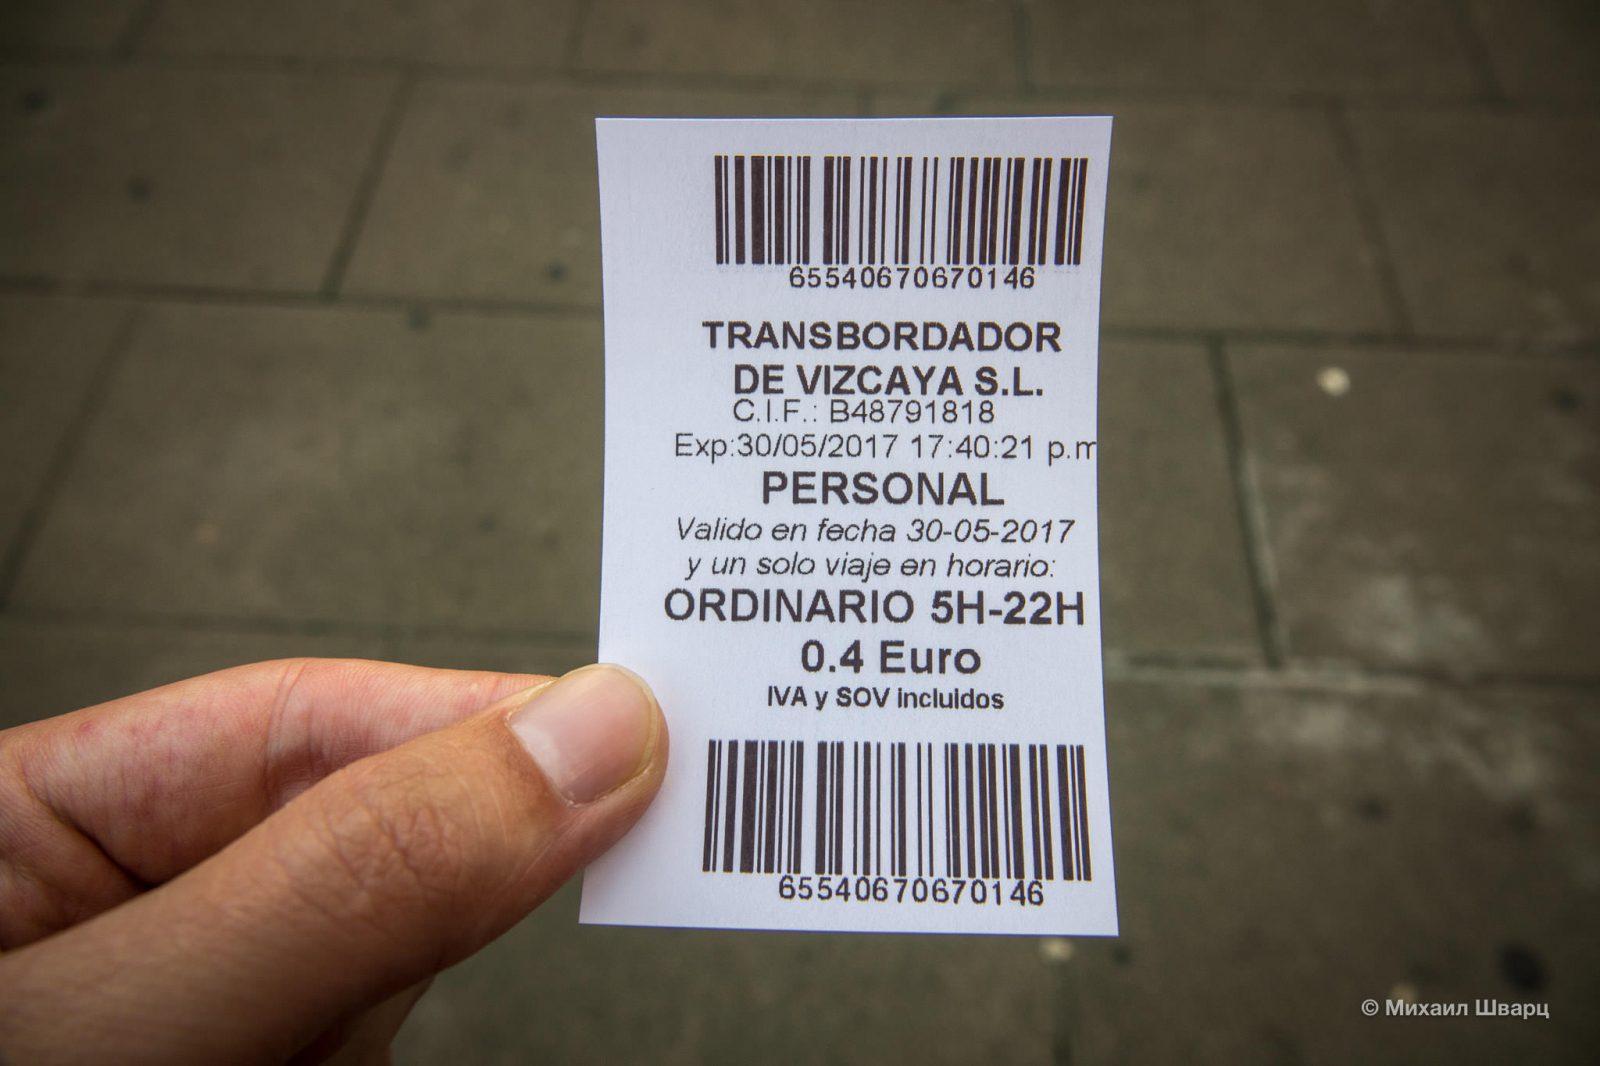 Билетик: €0,40 за проезд в одну сторону.